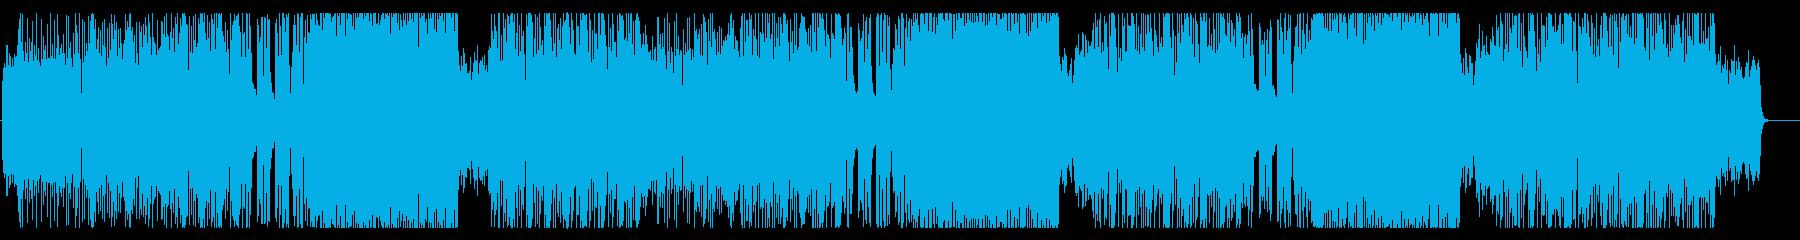 ゲームで敵に遭遇した時のイメージの再生済みの波形